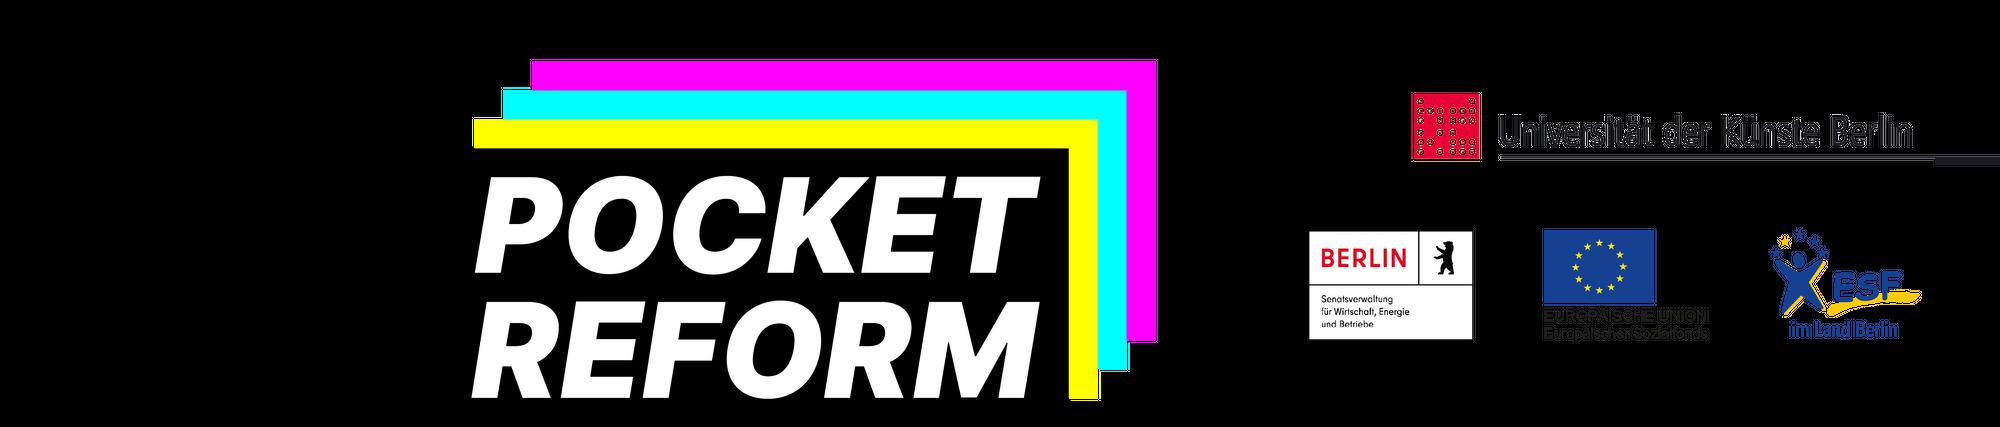 Pocket Reform